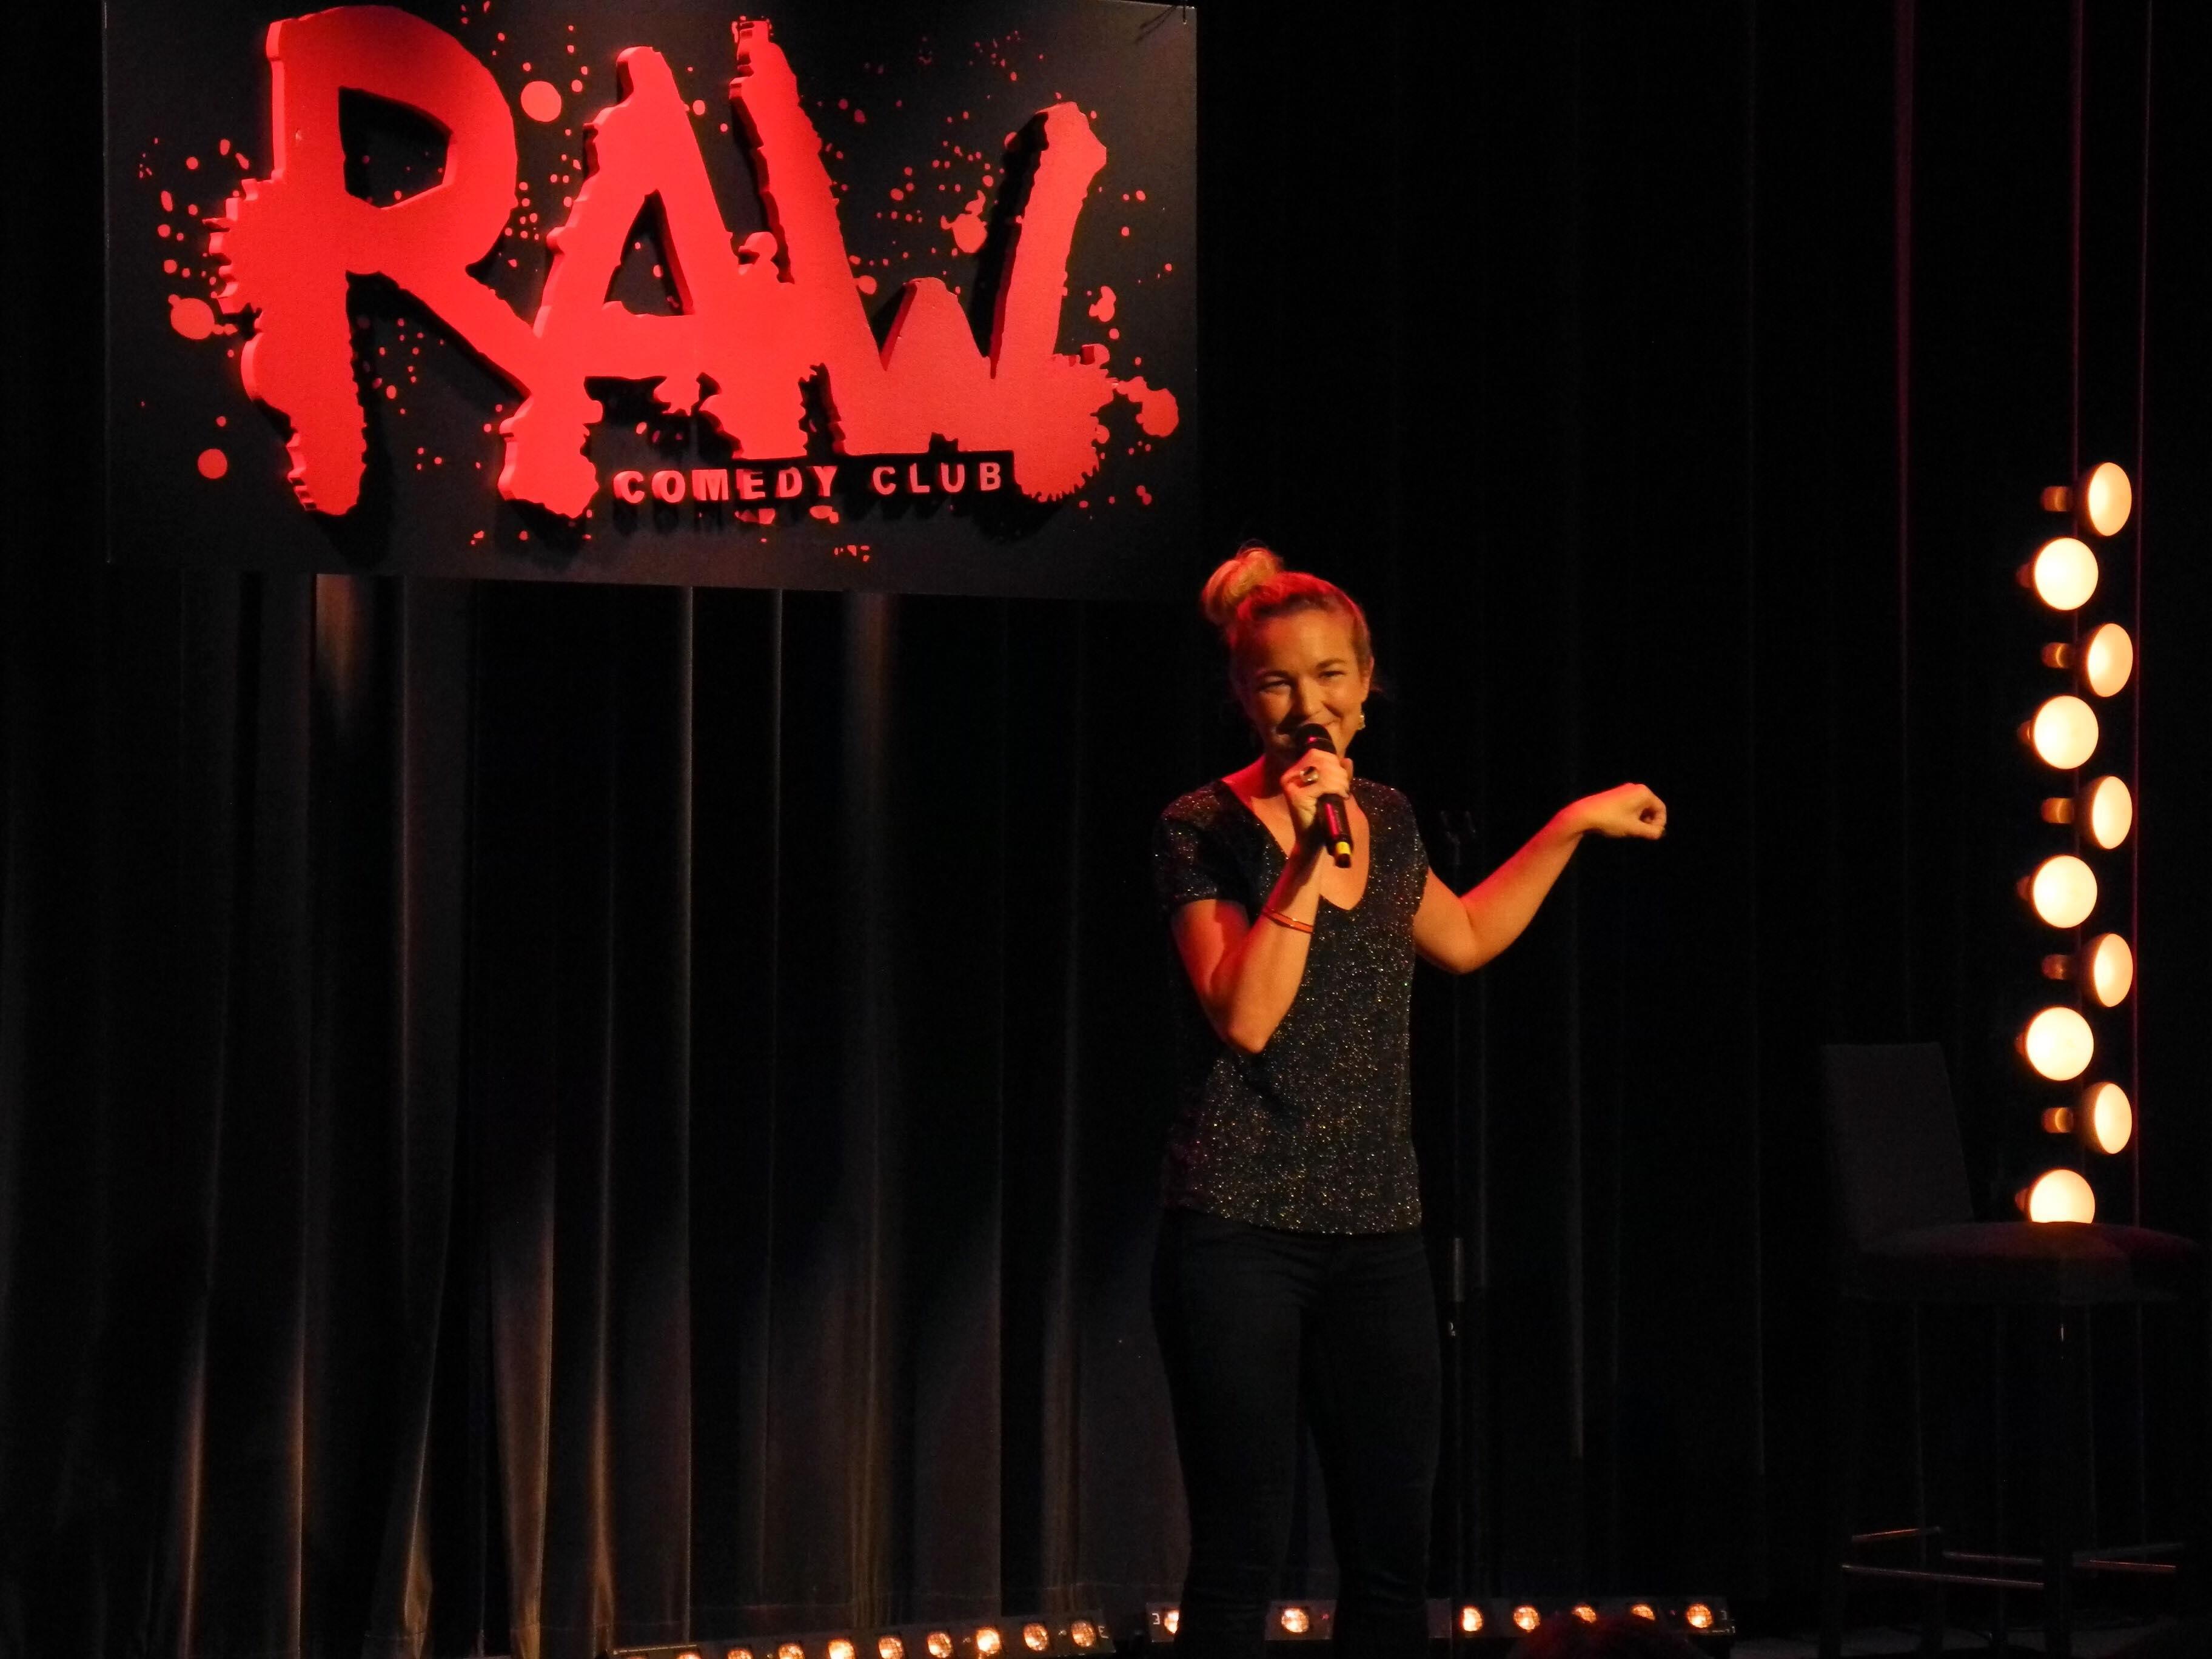 Bild från Raw comedy club, tagen av Lisa Jungefeldt.